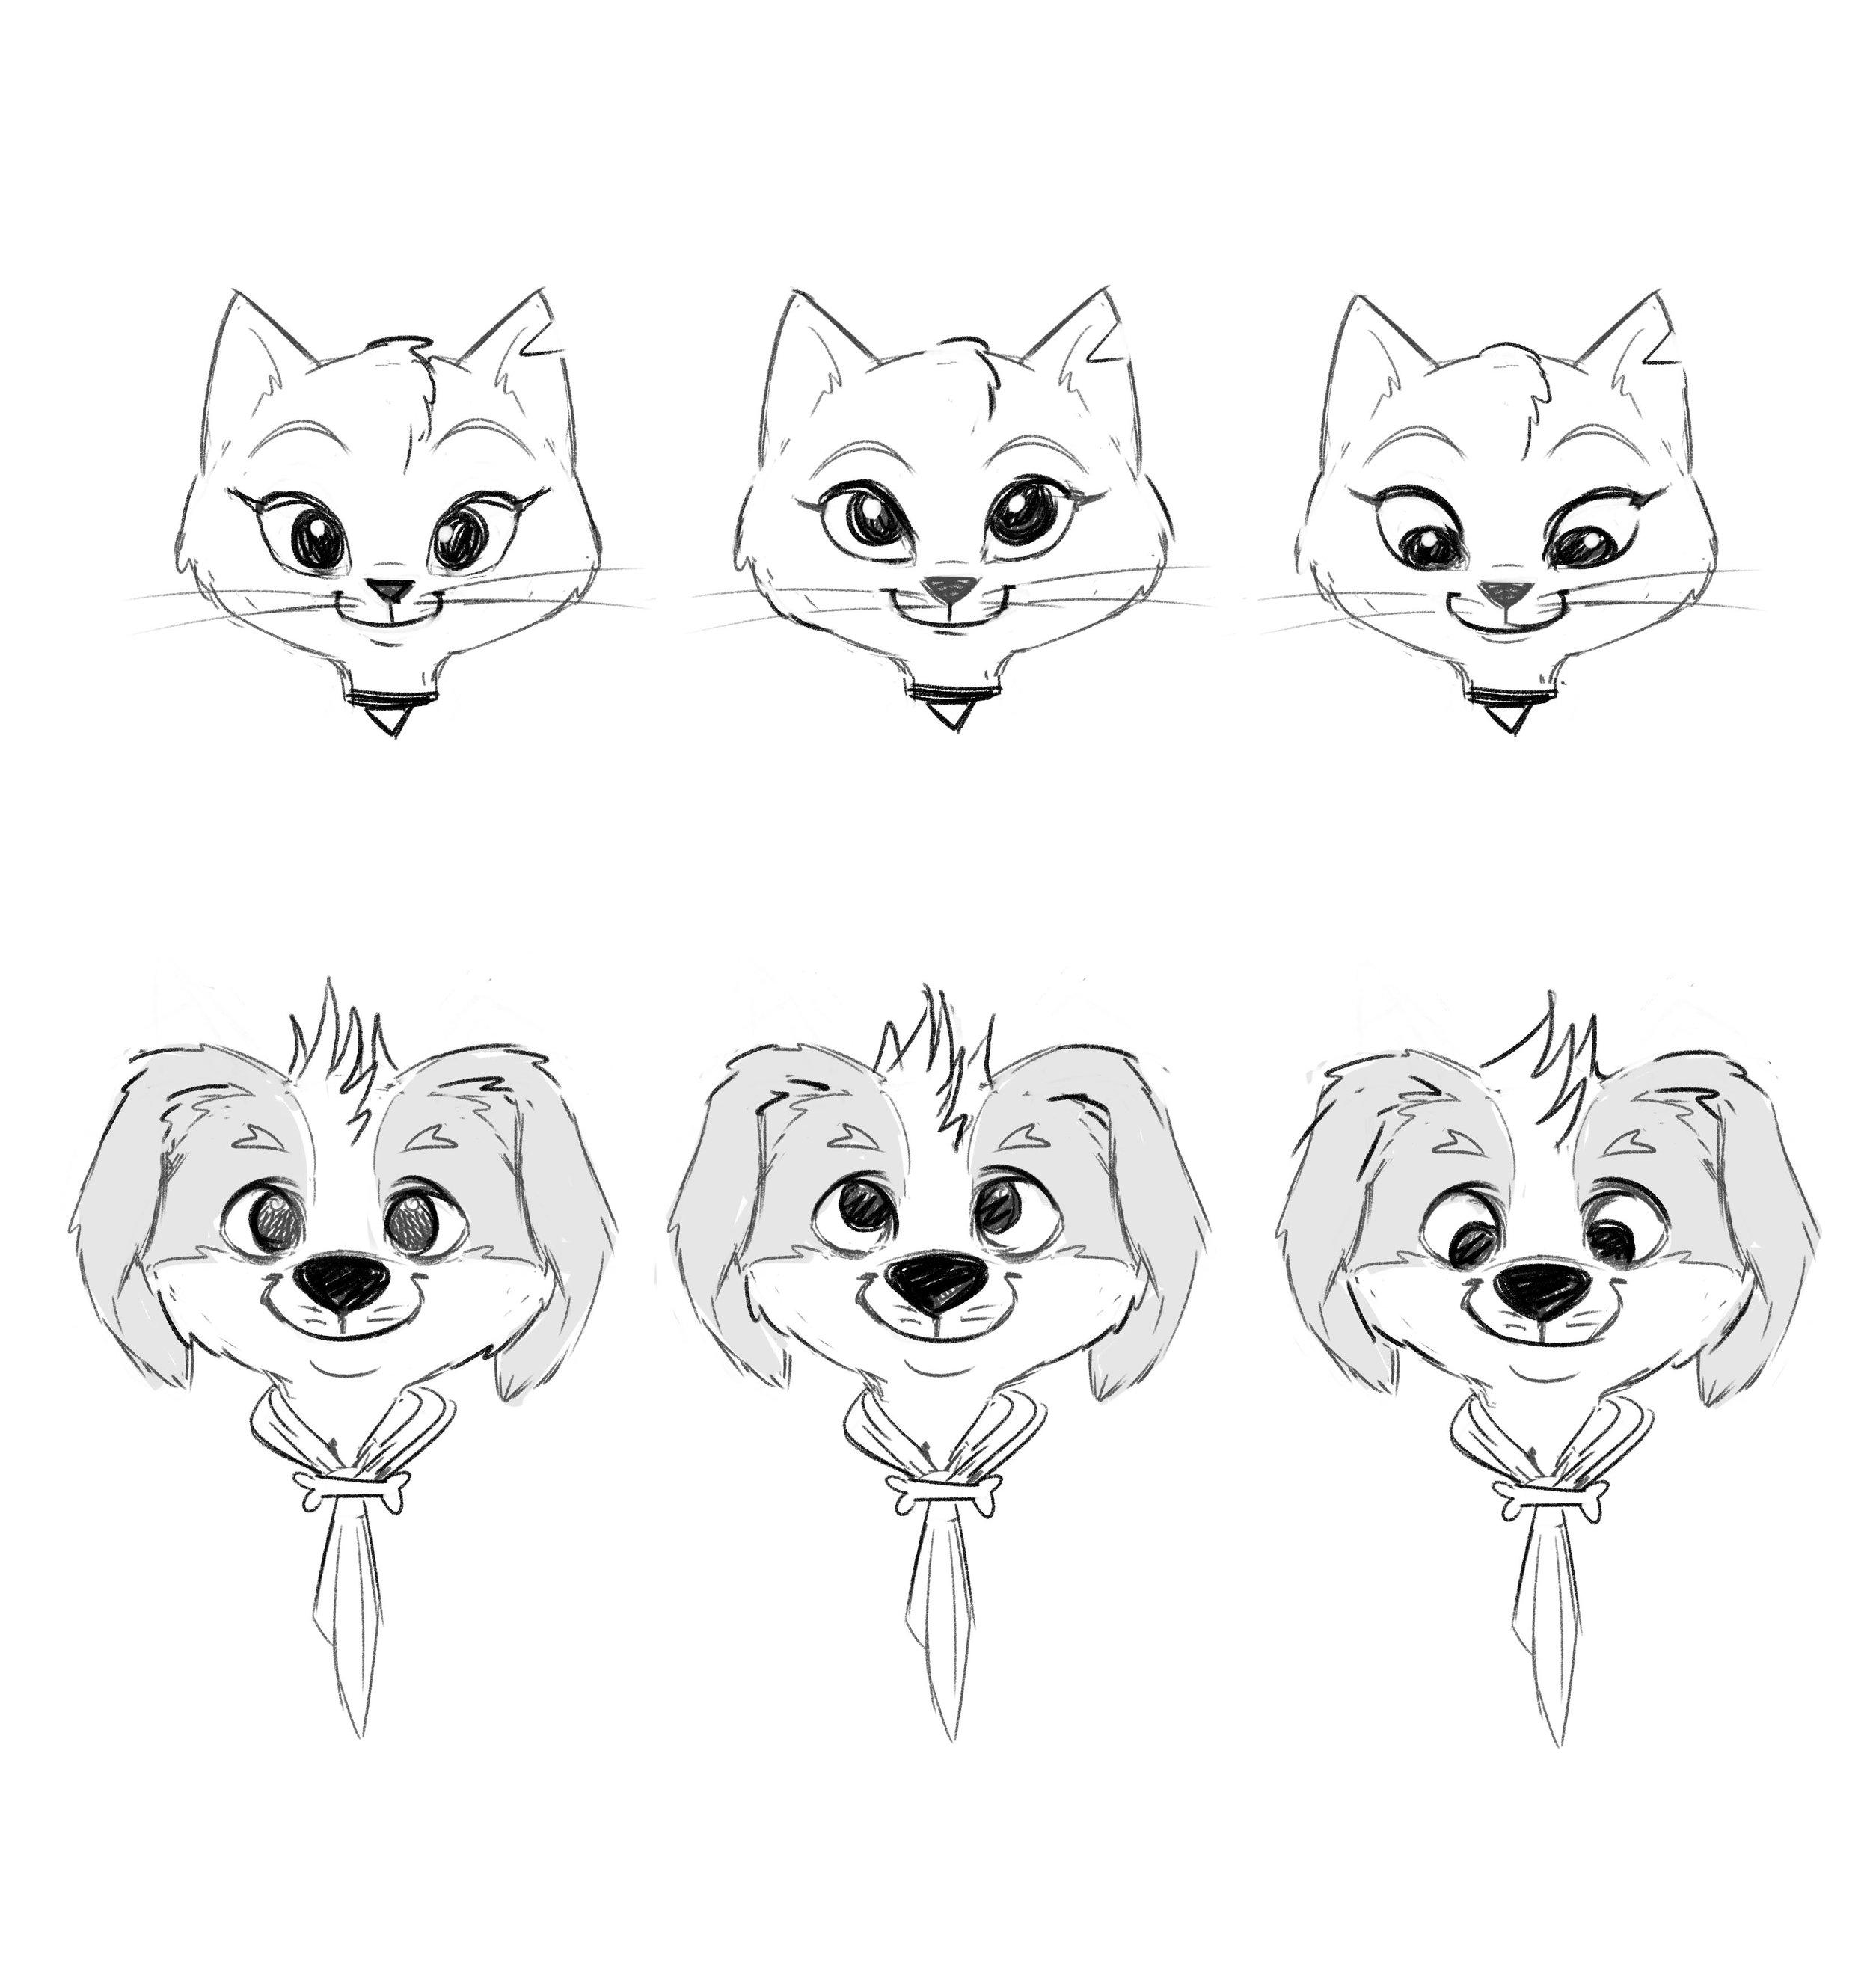 littlebrown_kattvdogg_characterheads_sketch_edits.jpg